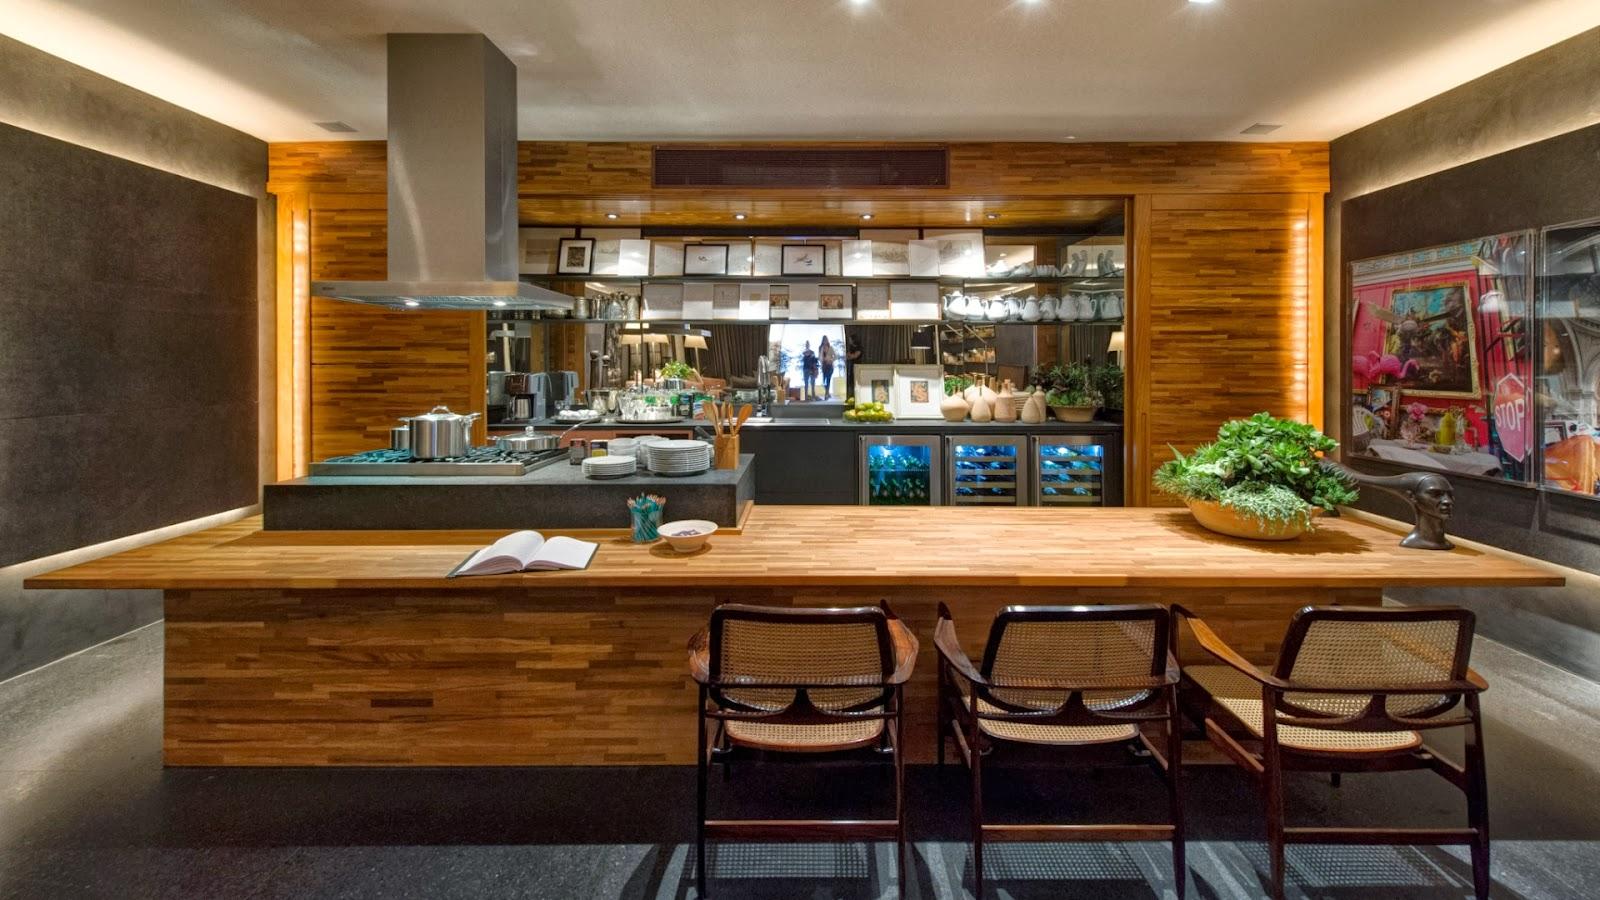 cozinha com uma proposta moderna diferente e claro com destaque para  #6E4016 1600 900